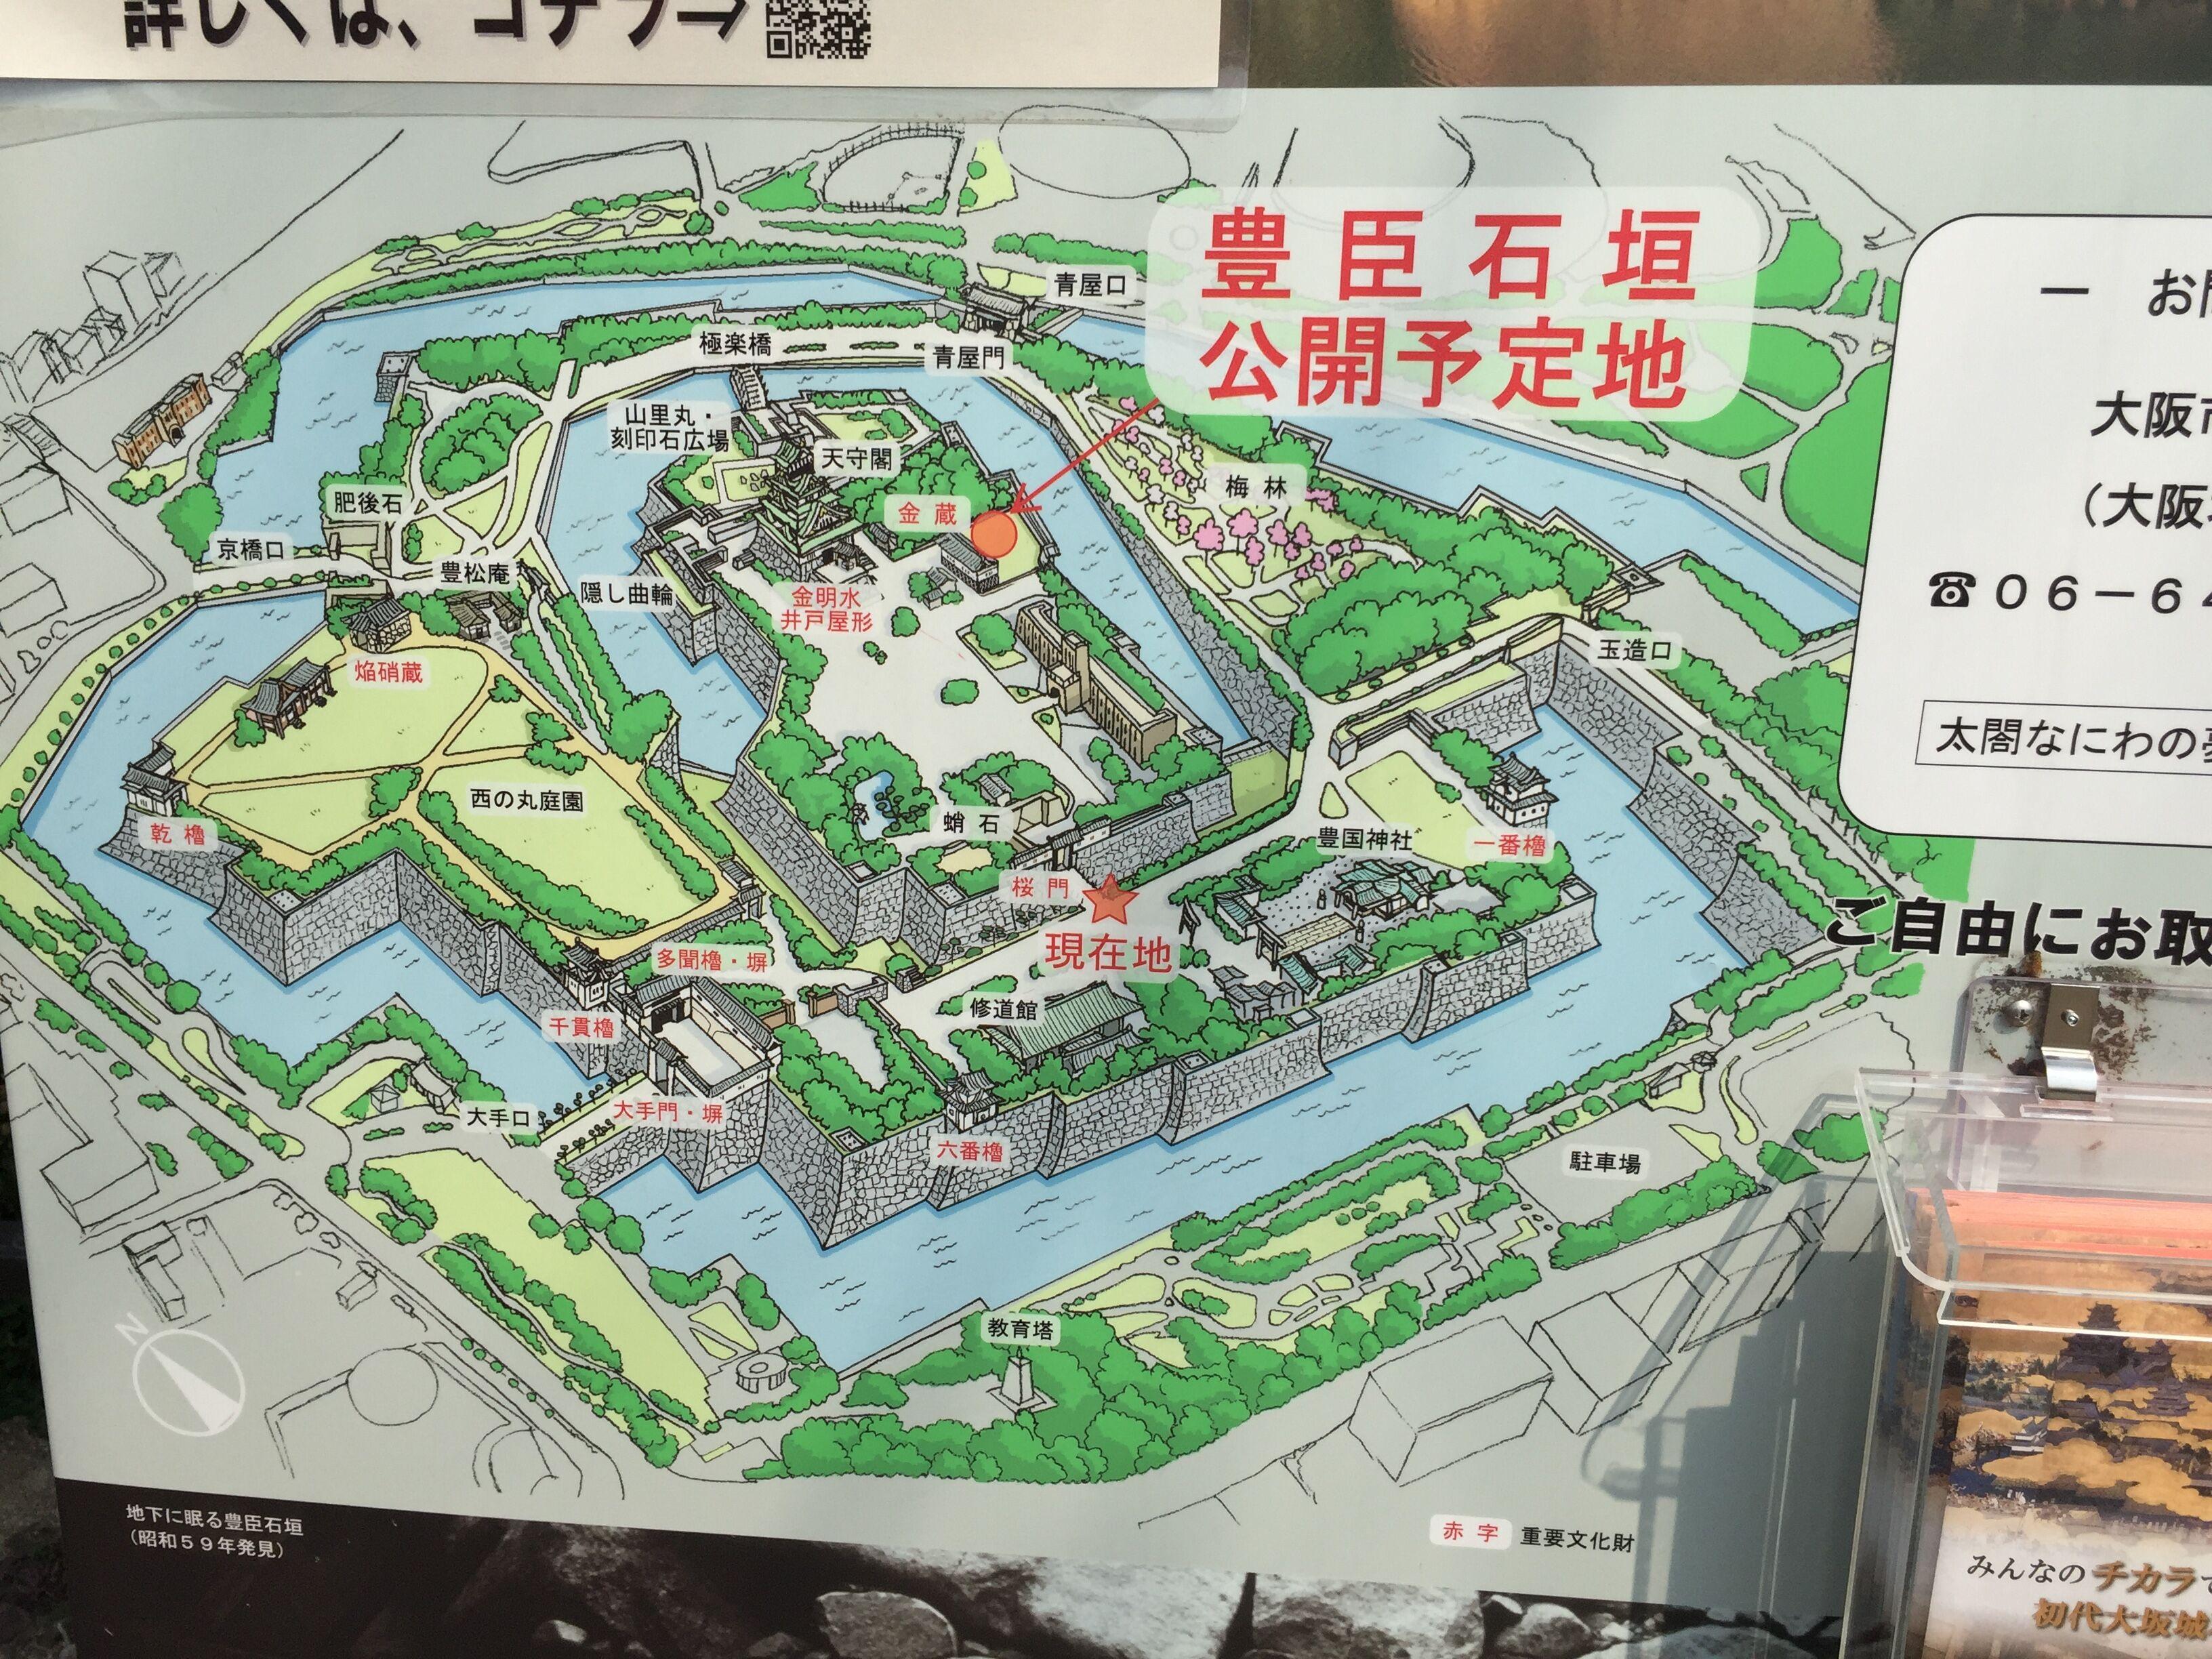 大阪地铁线路图图片